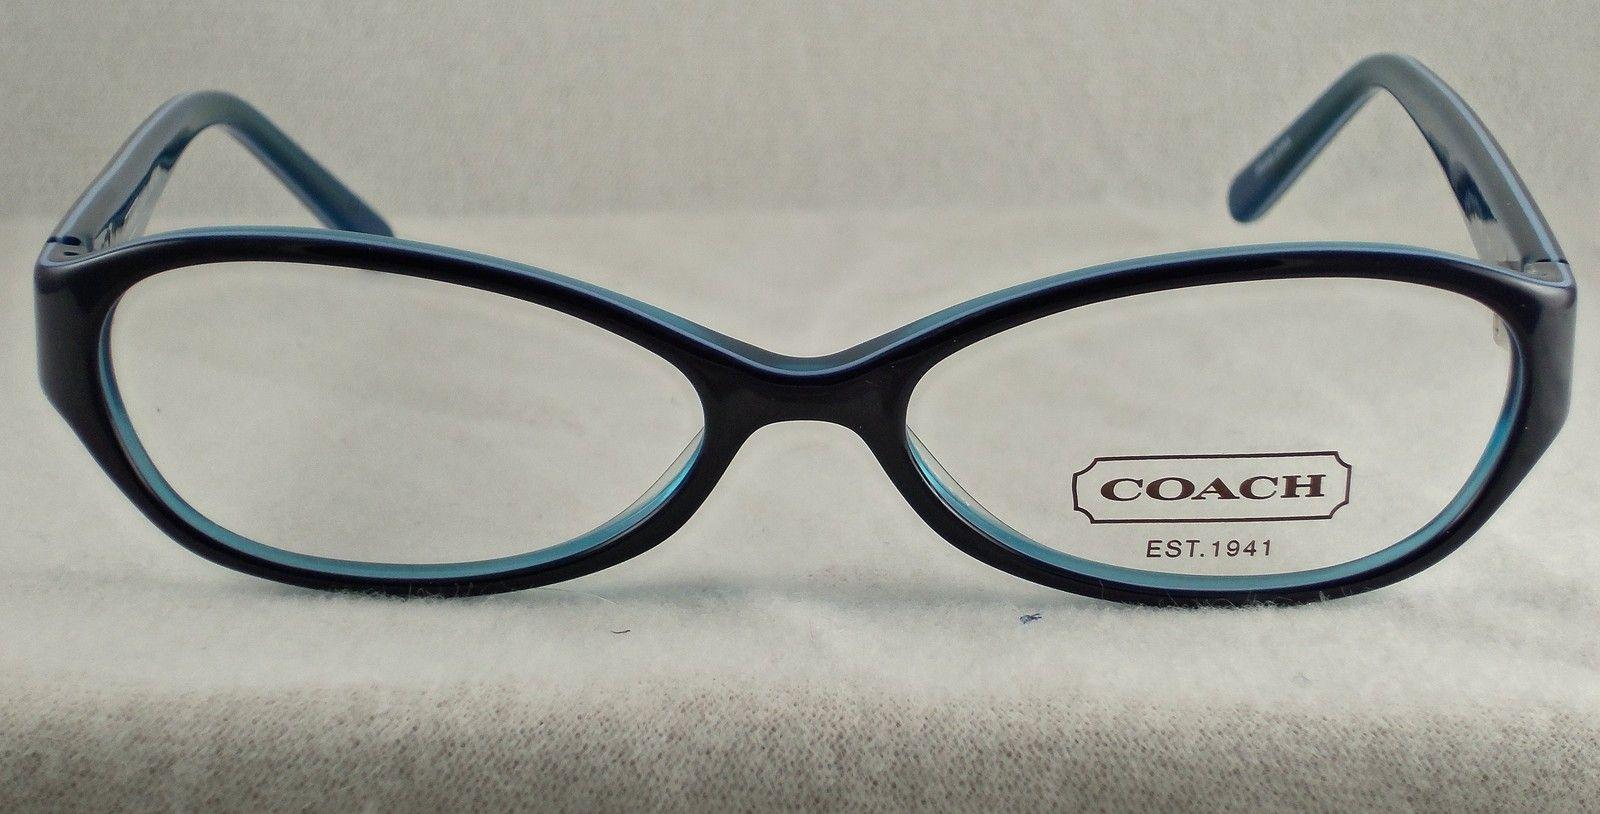 Image result for designer eyeglass frames